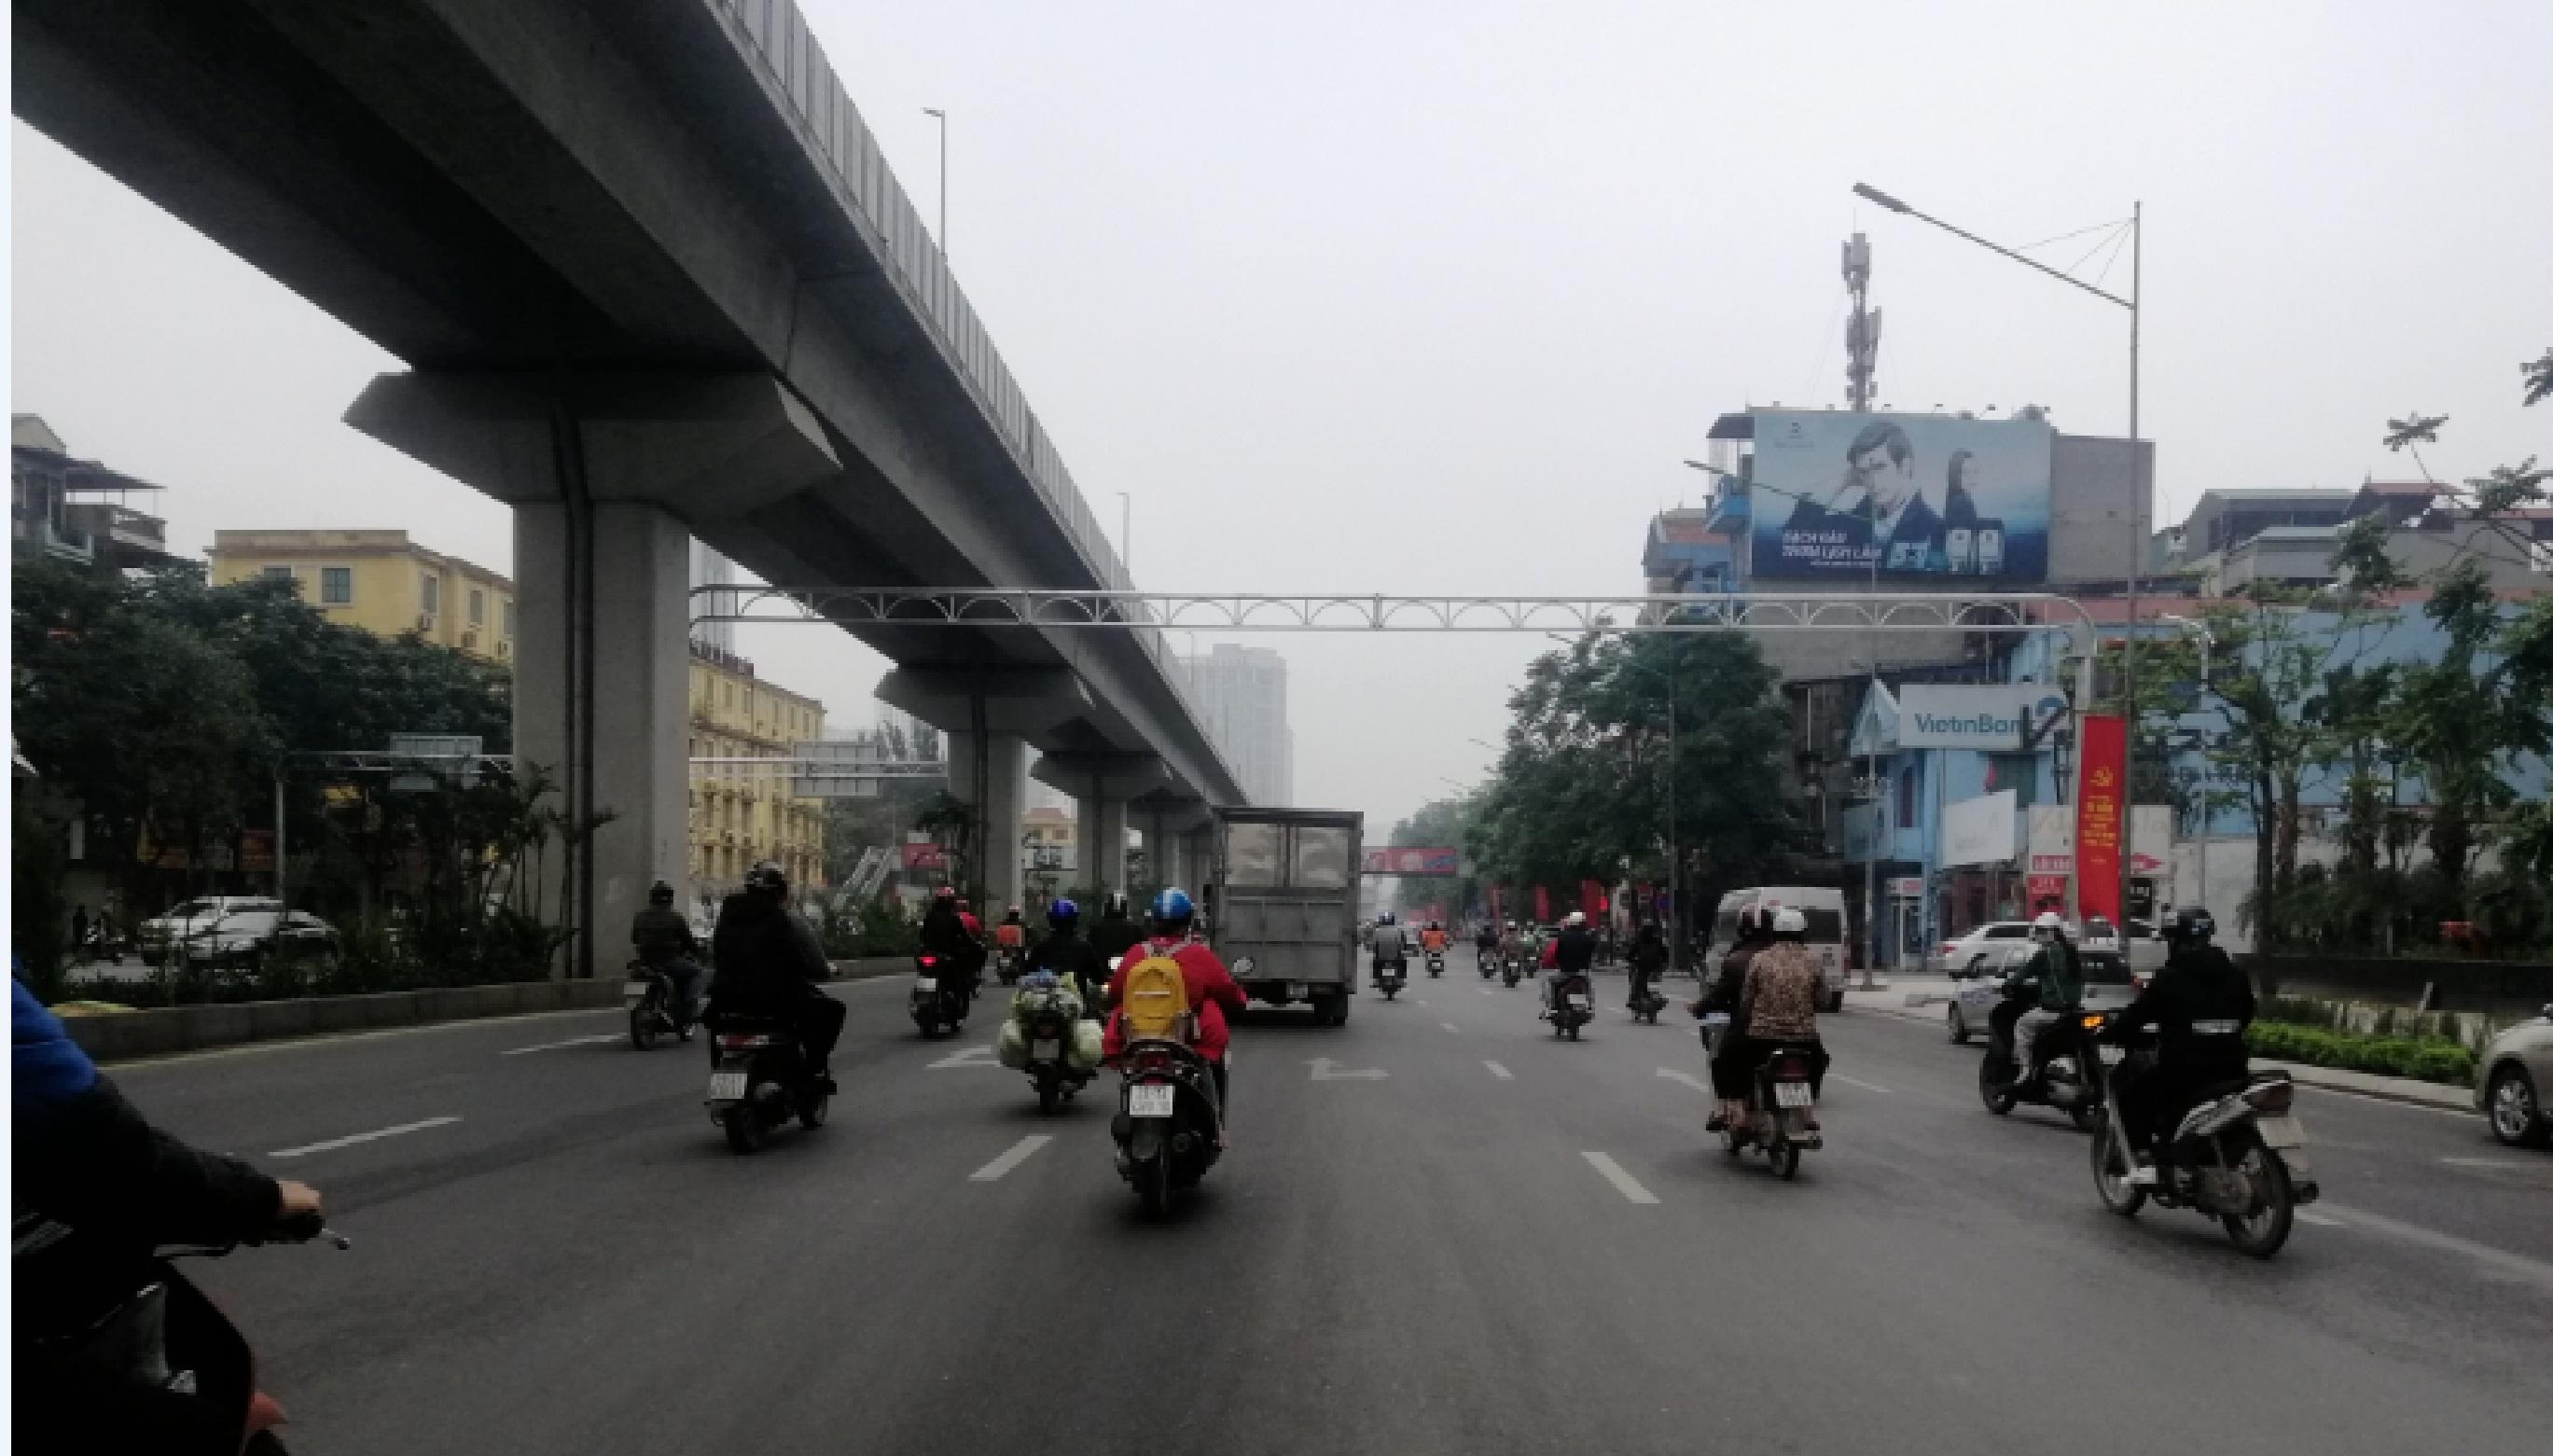 Quảng cáo cho nhãn Romano tại  271 Nguyễn Trãi, Thanh Xuân , Hà Nội